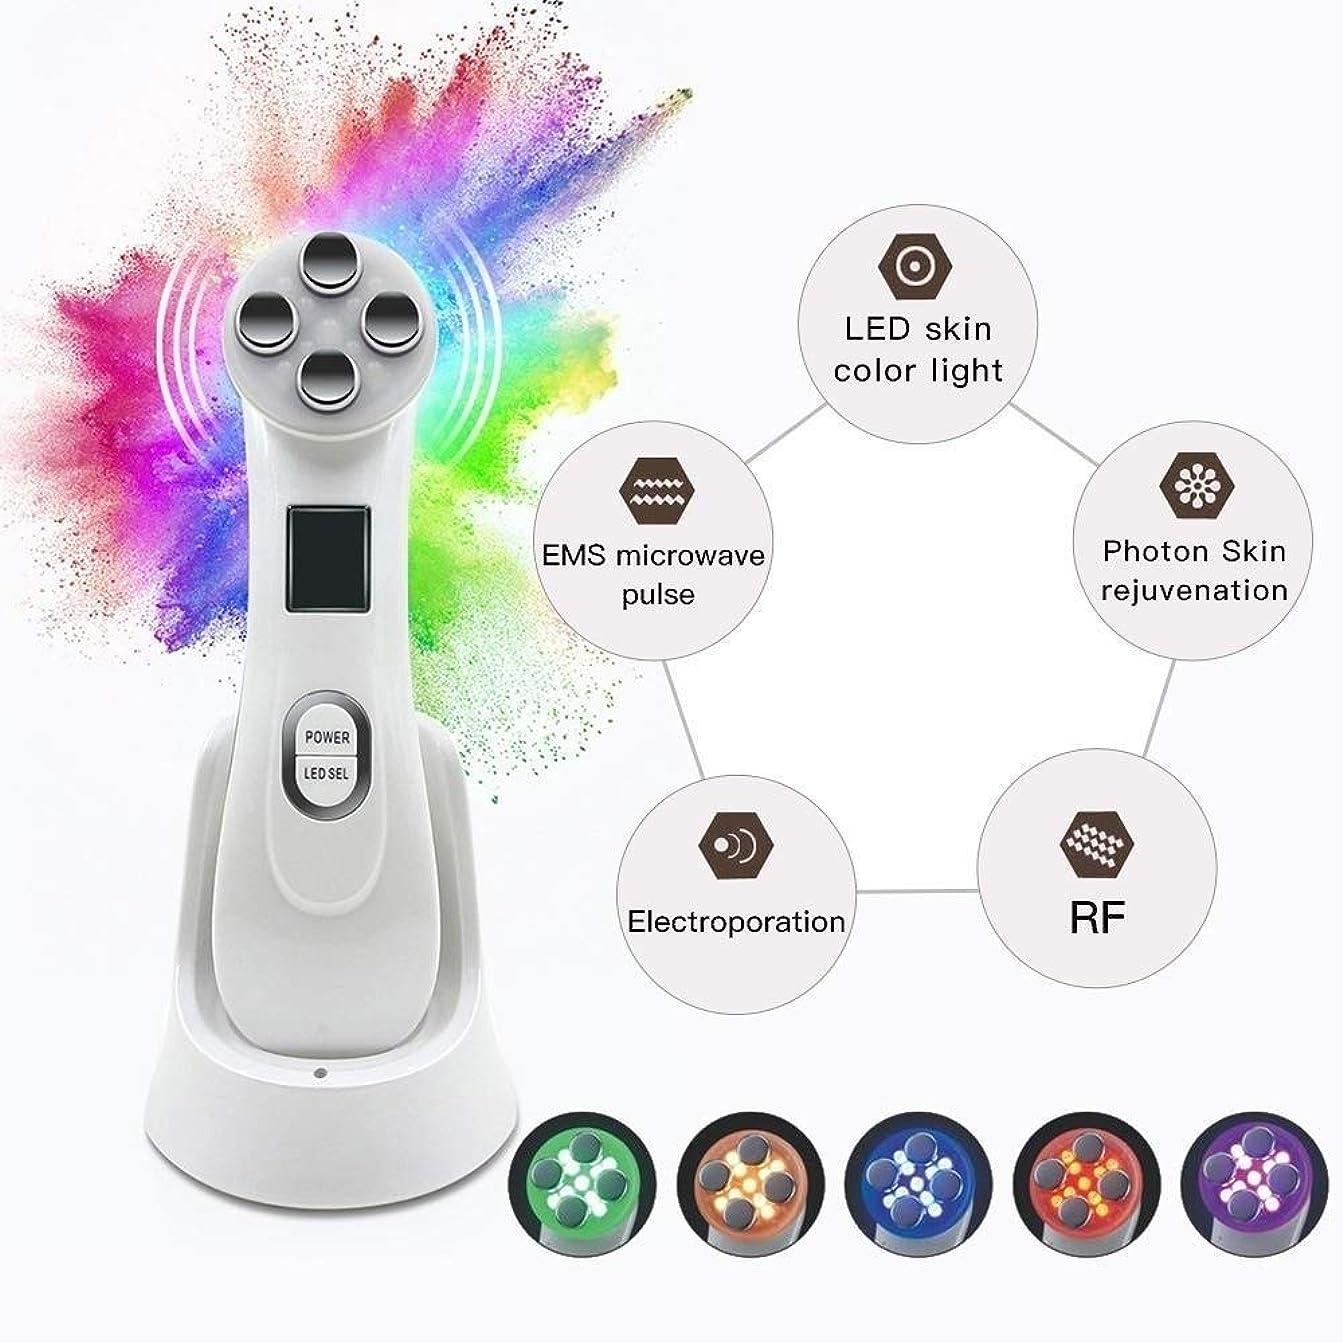 引き受けるお風呂ショルダーRFの無線周波数機械EMS LEDの滑らかなスキンケア装置の反老化の顔の持ち上がる引き締めのしわ